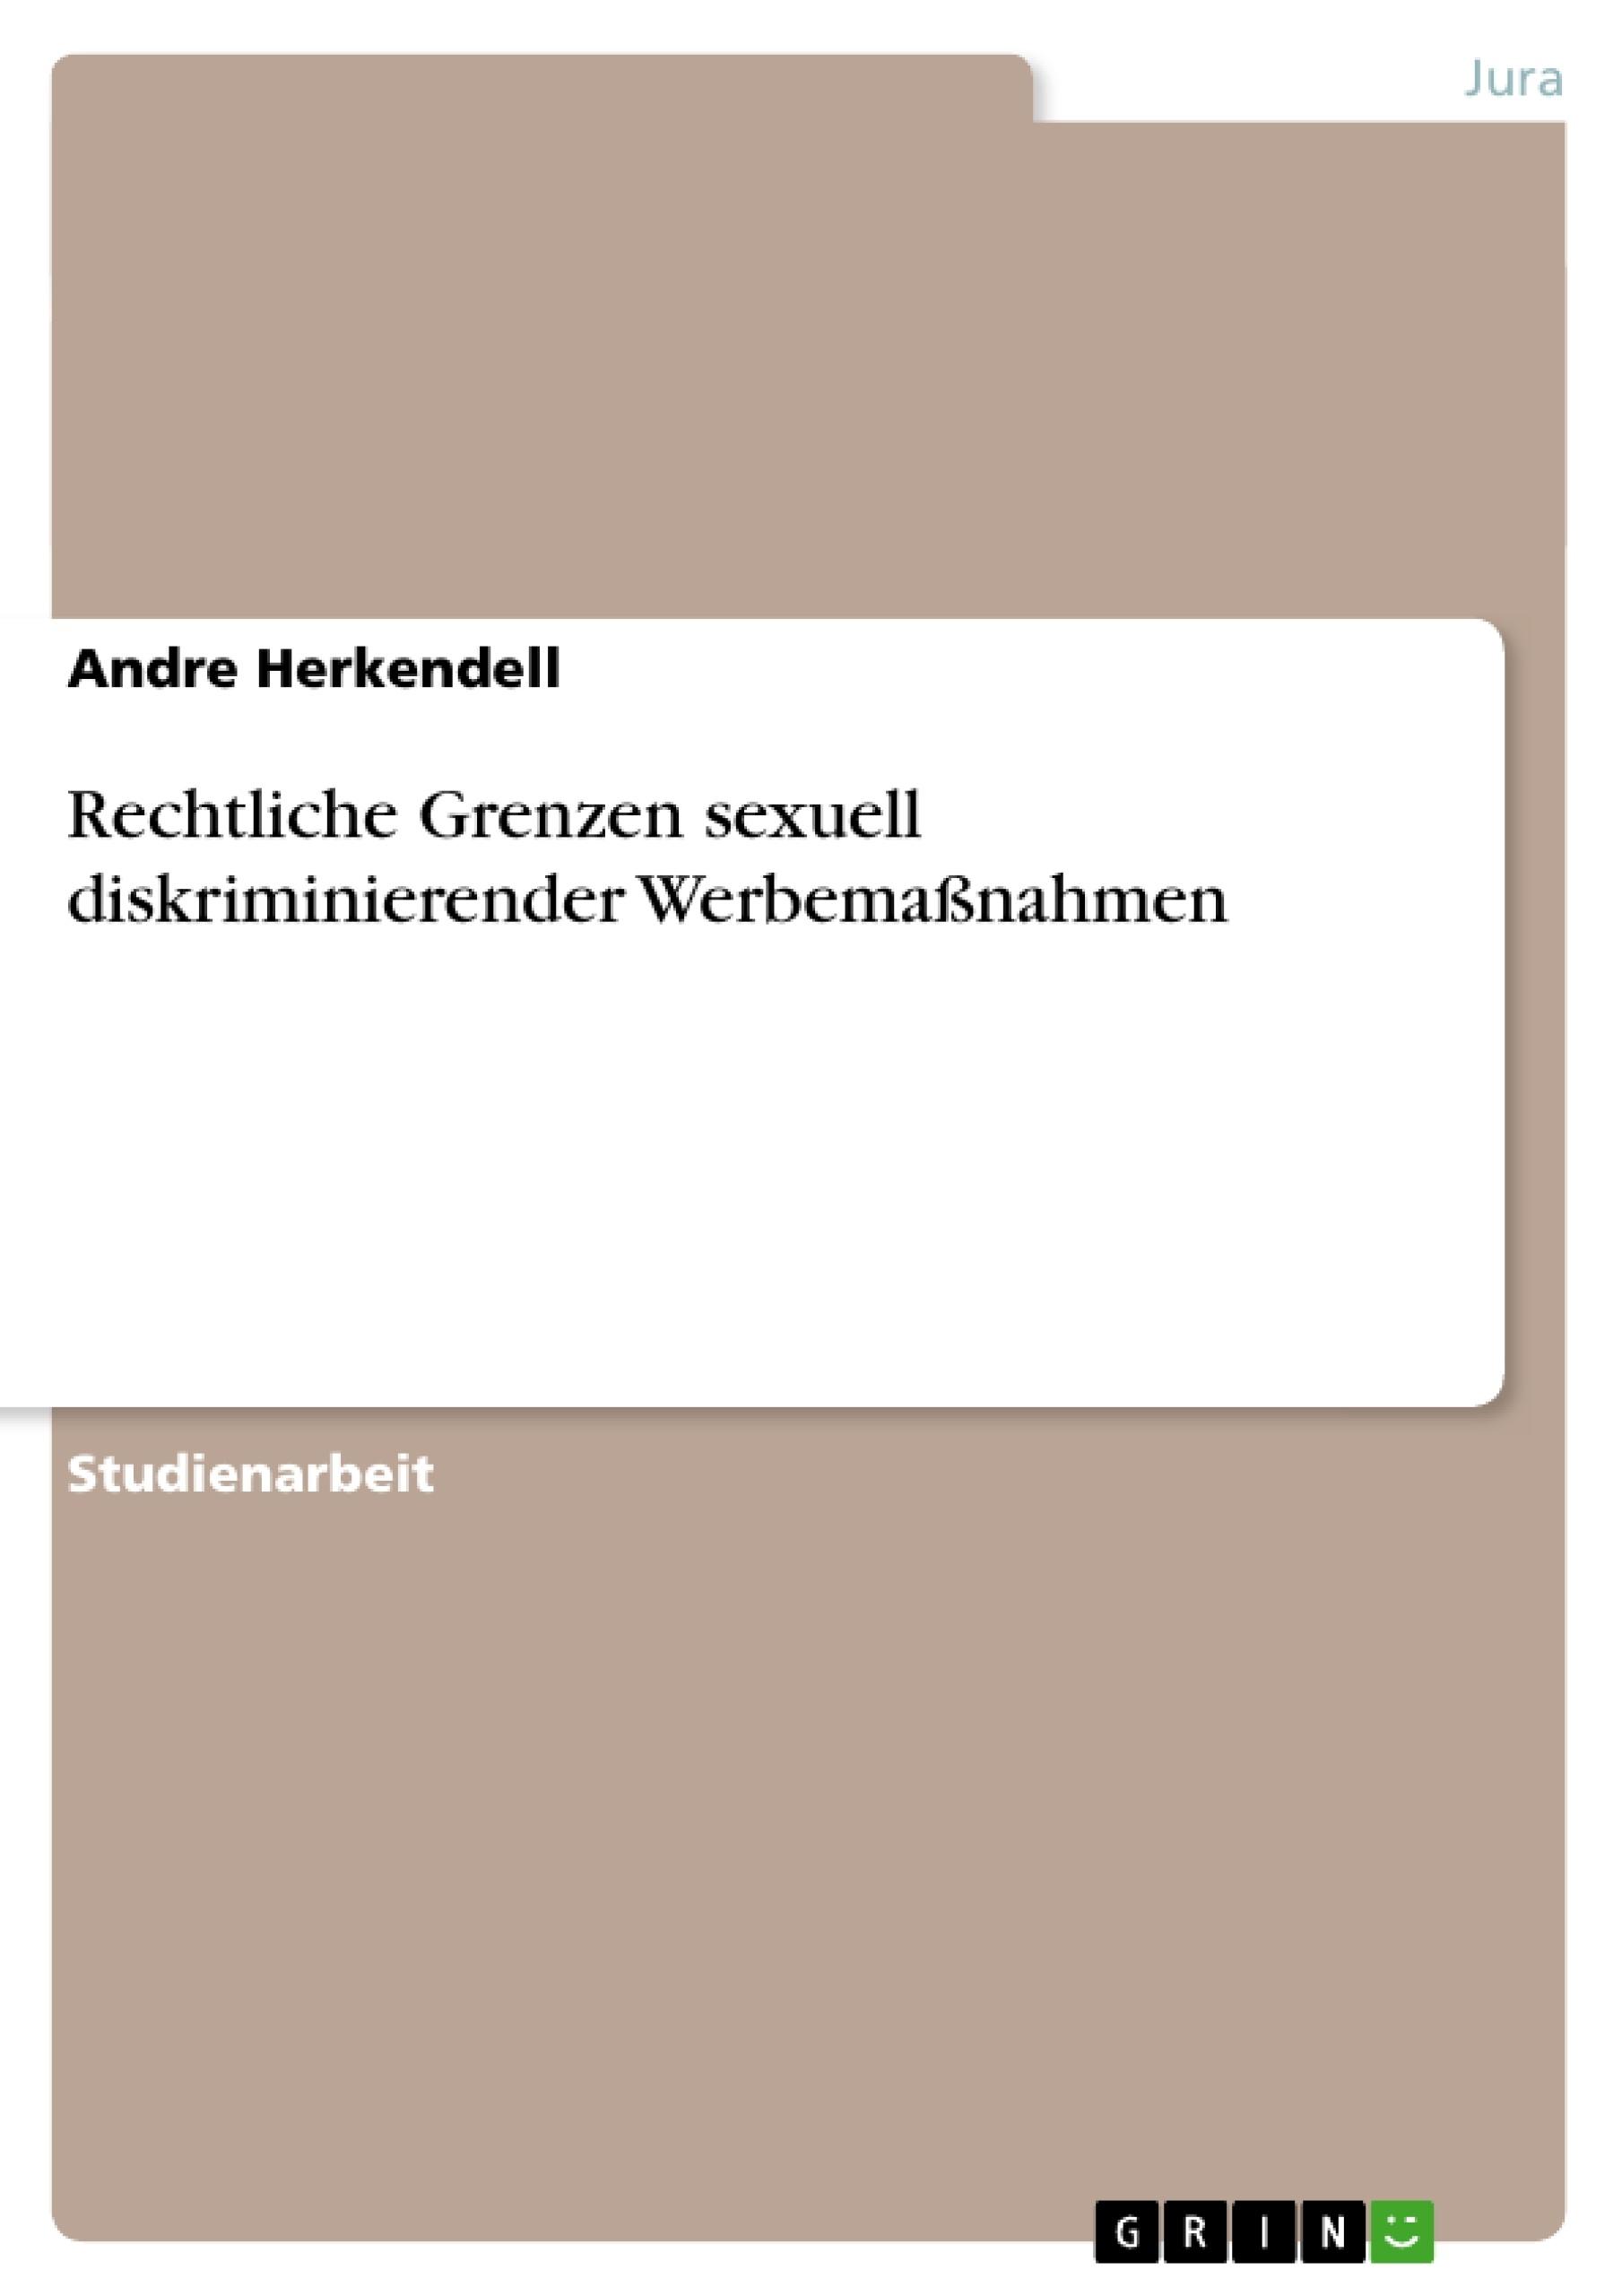 Titel: Rechtliche Grenzen sexuell diskriminierender Werbemaßnahmen